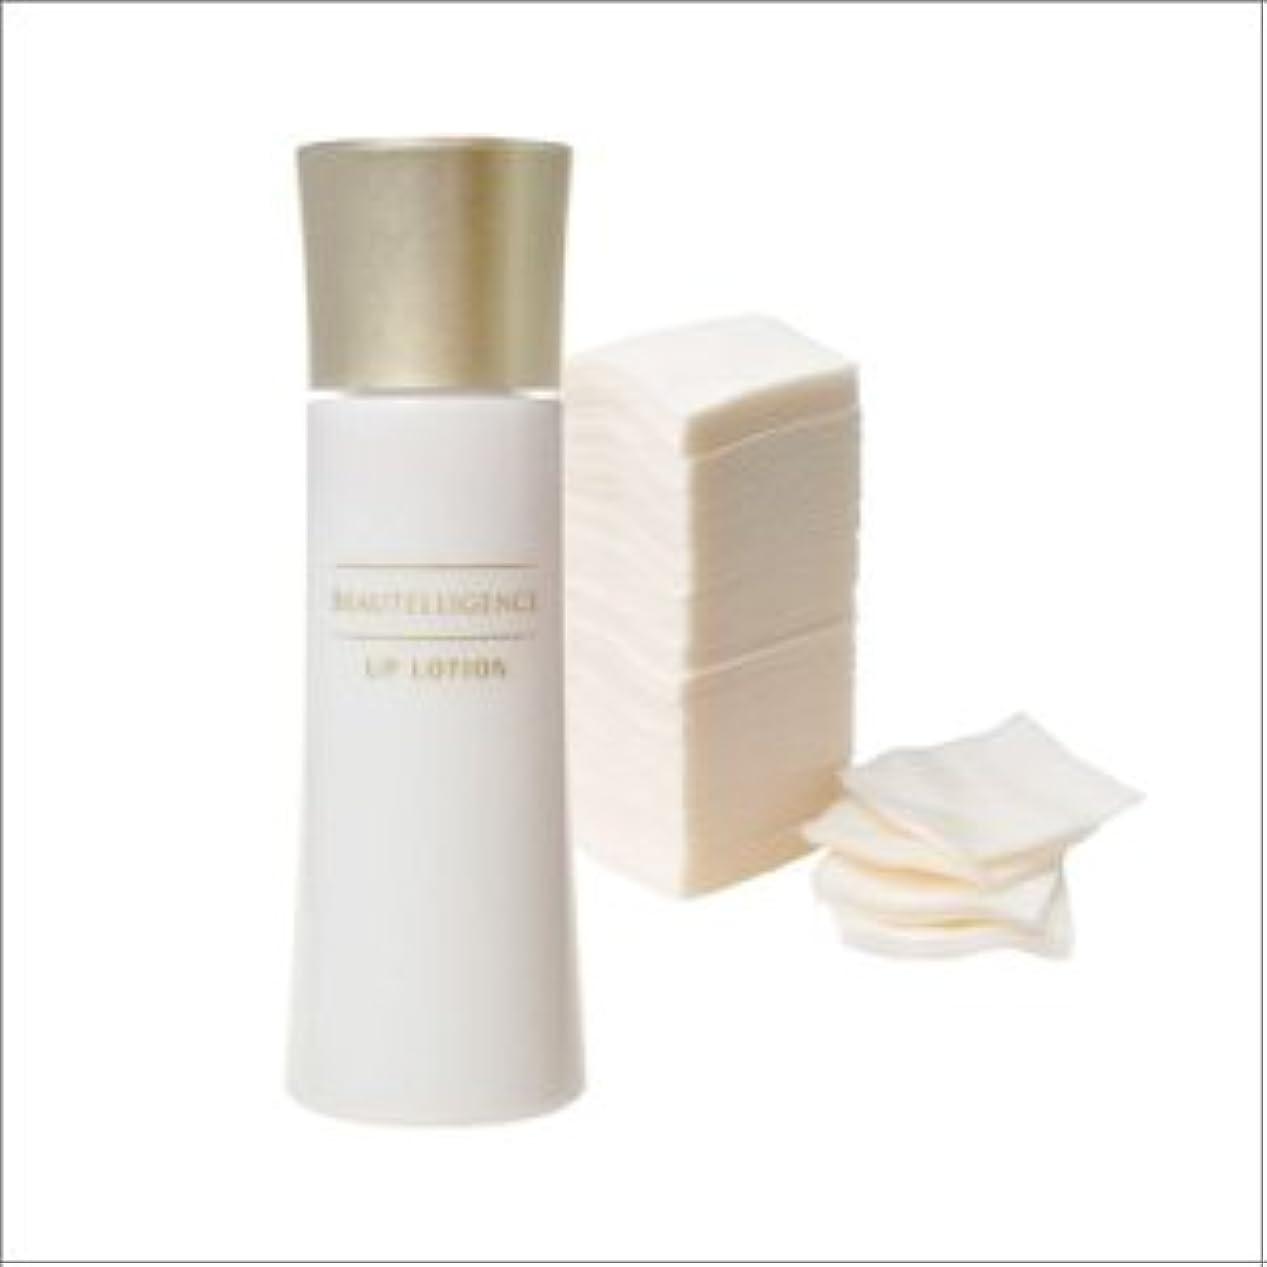 せせらぎ信頼性のある自宅でアップローション&ガーゼ ひきしめ 化粧水 美容液 ハリ NEWA オシリフト グリシルグリシンエイジングケア